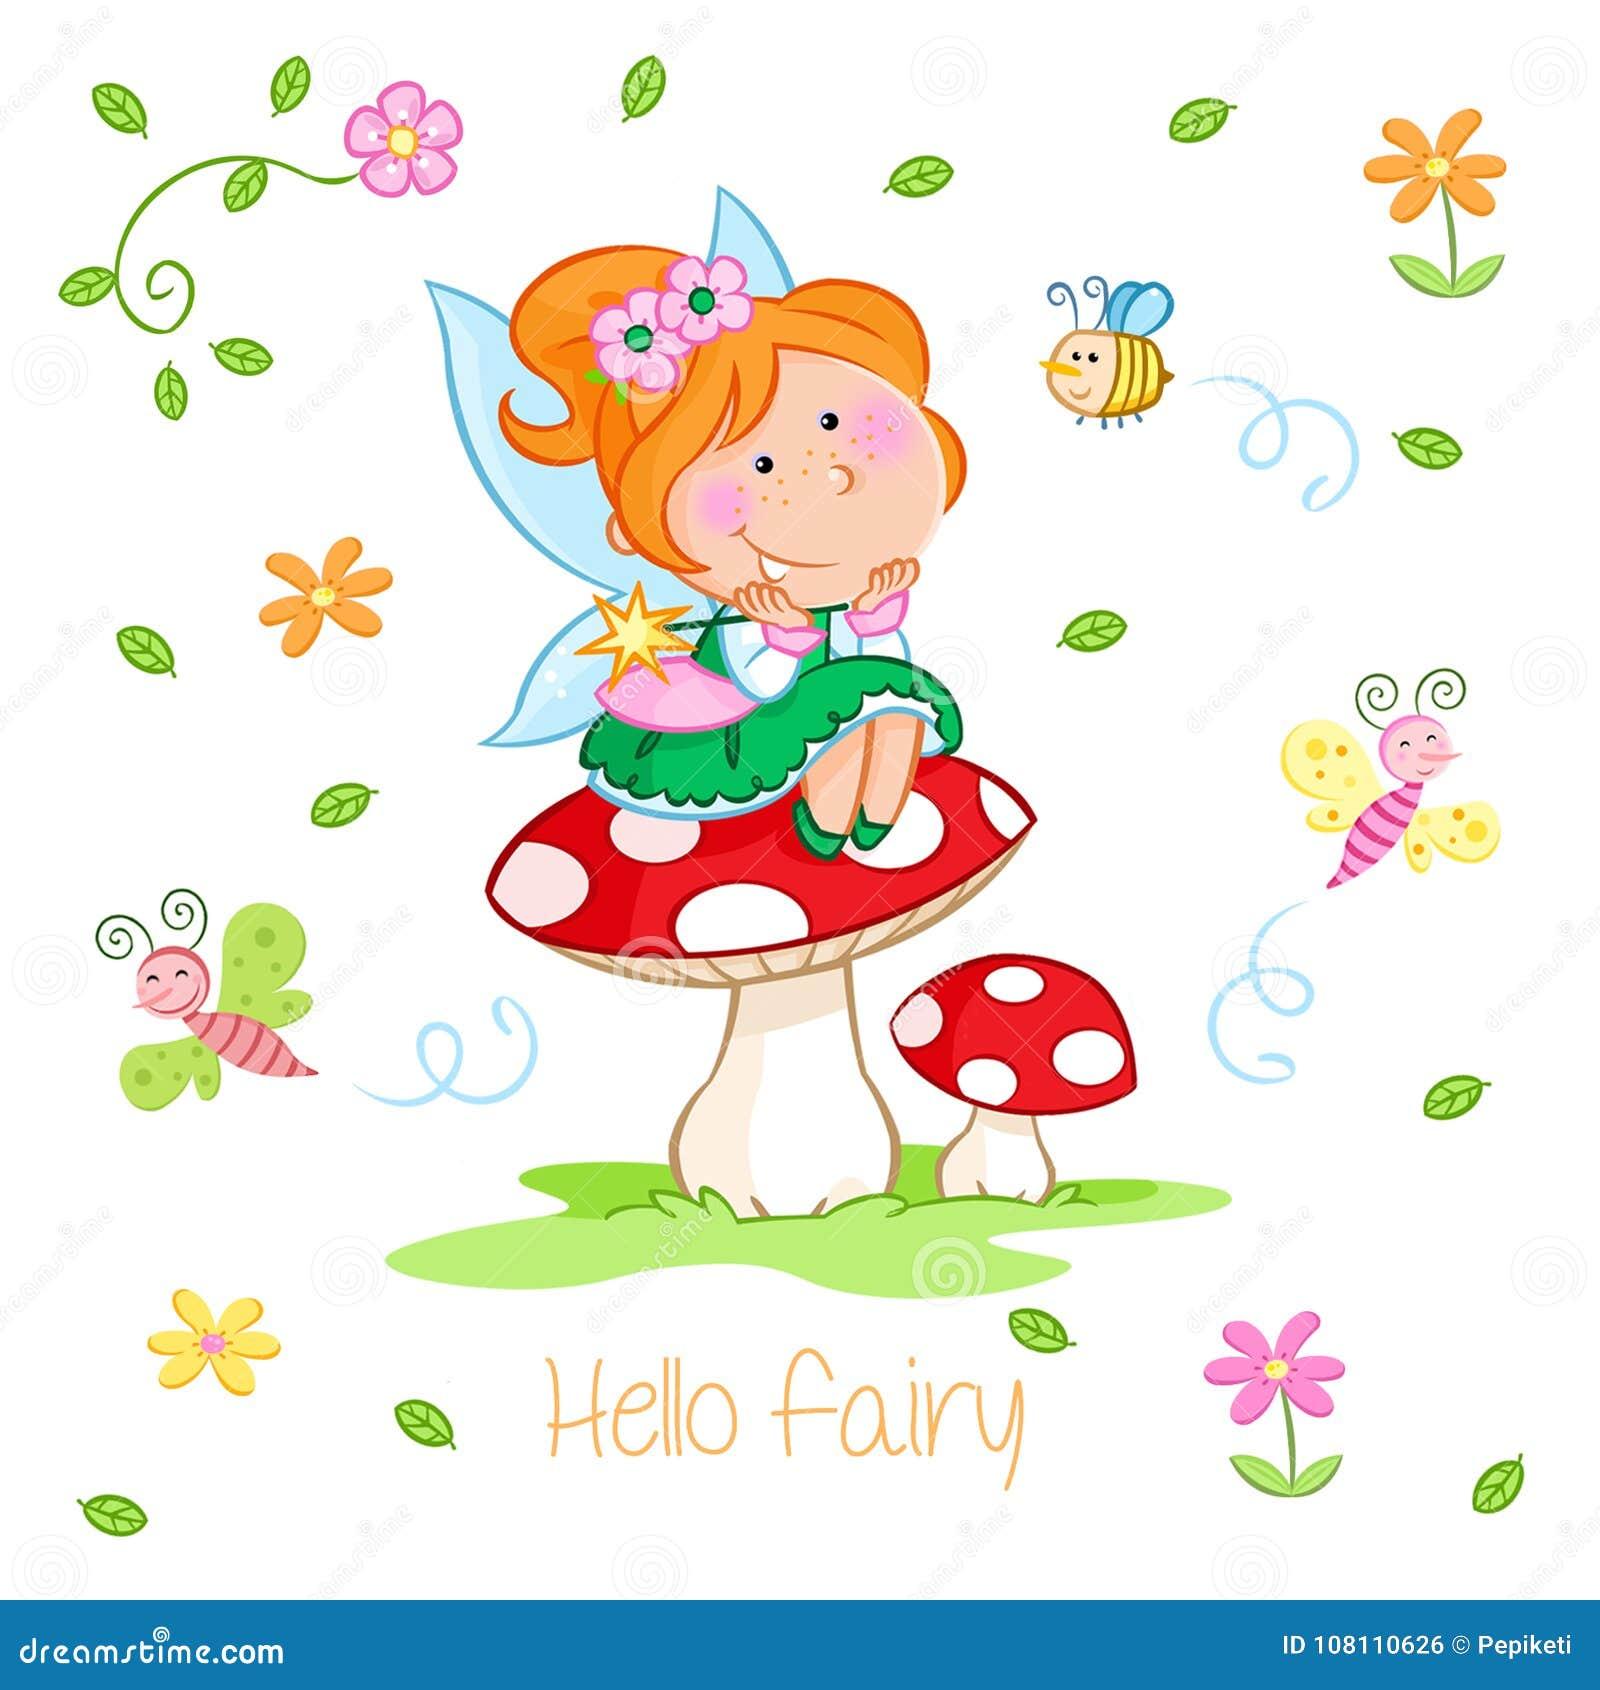 Hello Spring - Adorable little fairy and spring garden